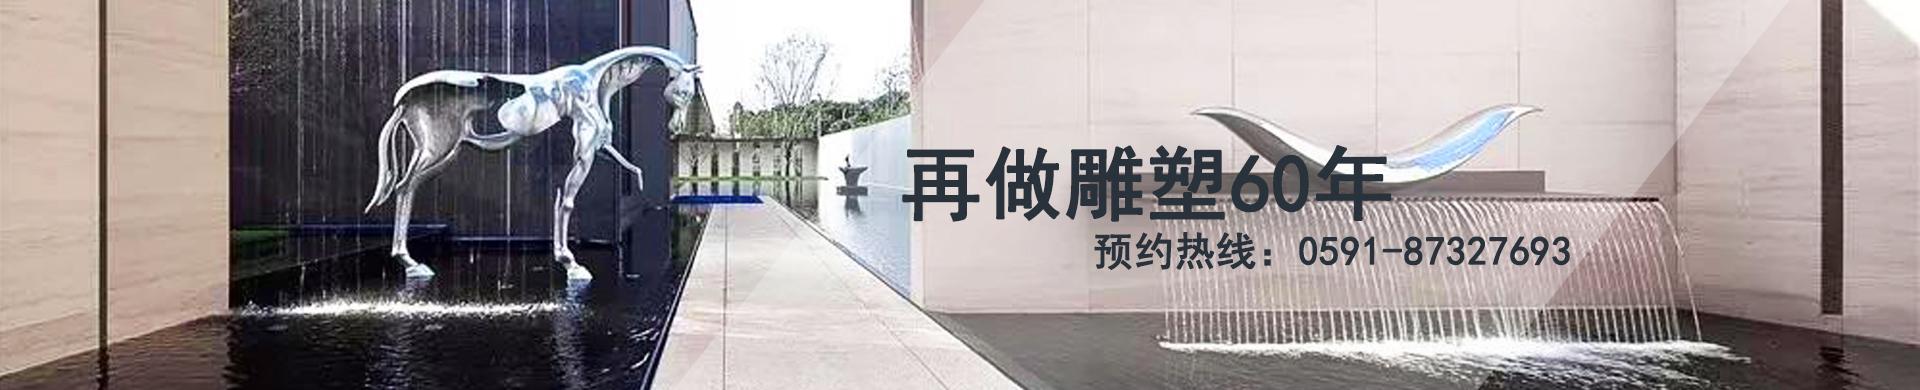 福州雕塑工程